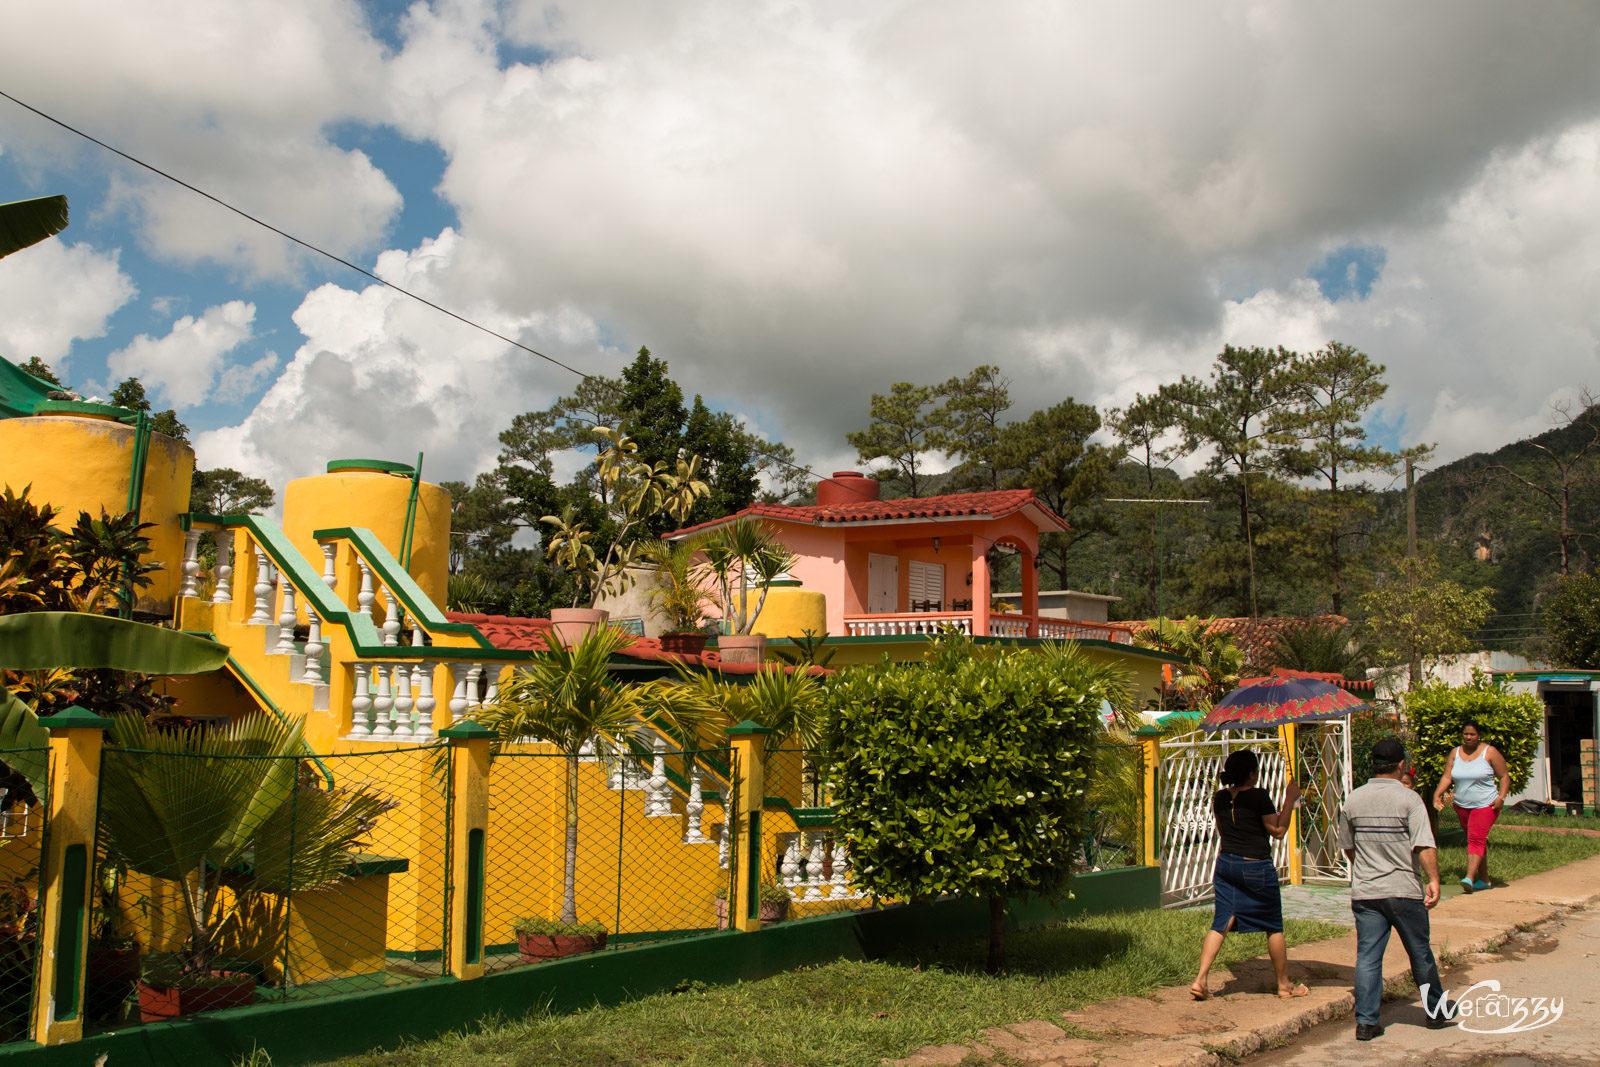 Cuba, Vinales, Voyage